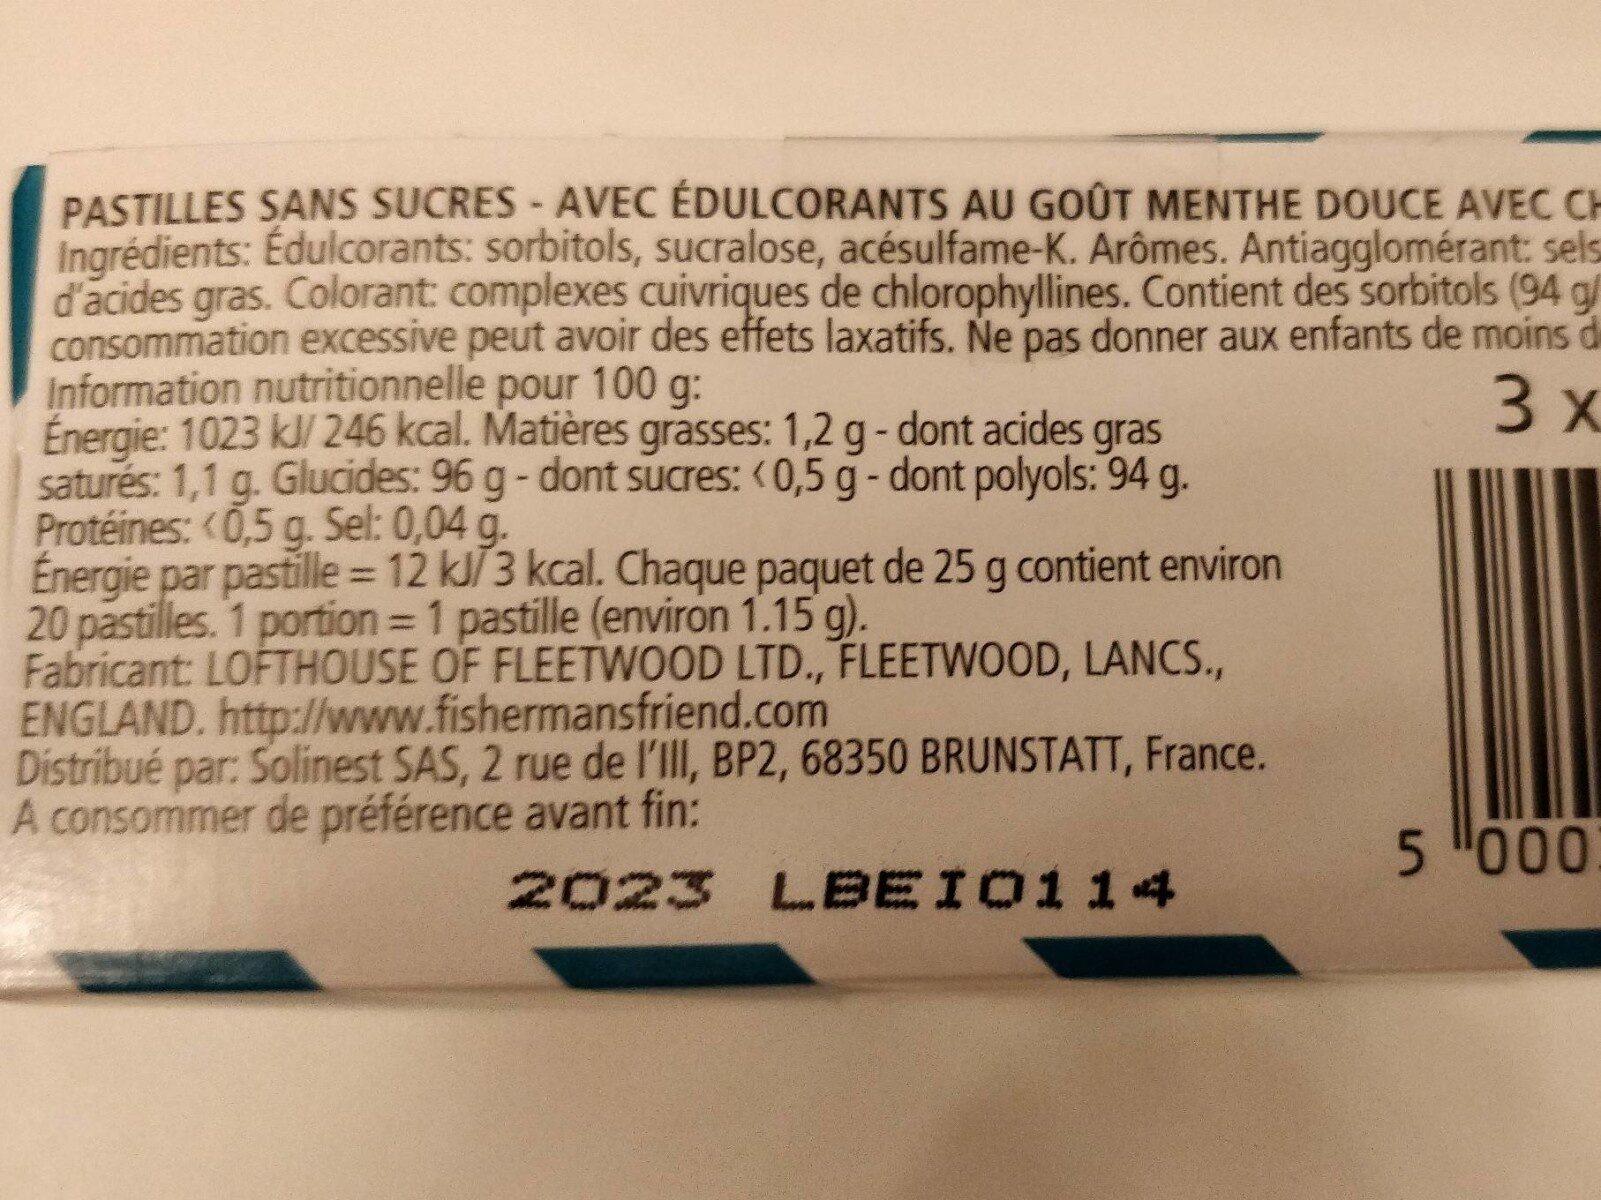 Menthe douce - Pastilles avec chlorophylle - Nutrition facts - fr